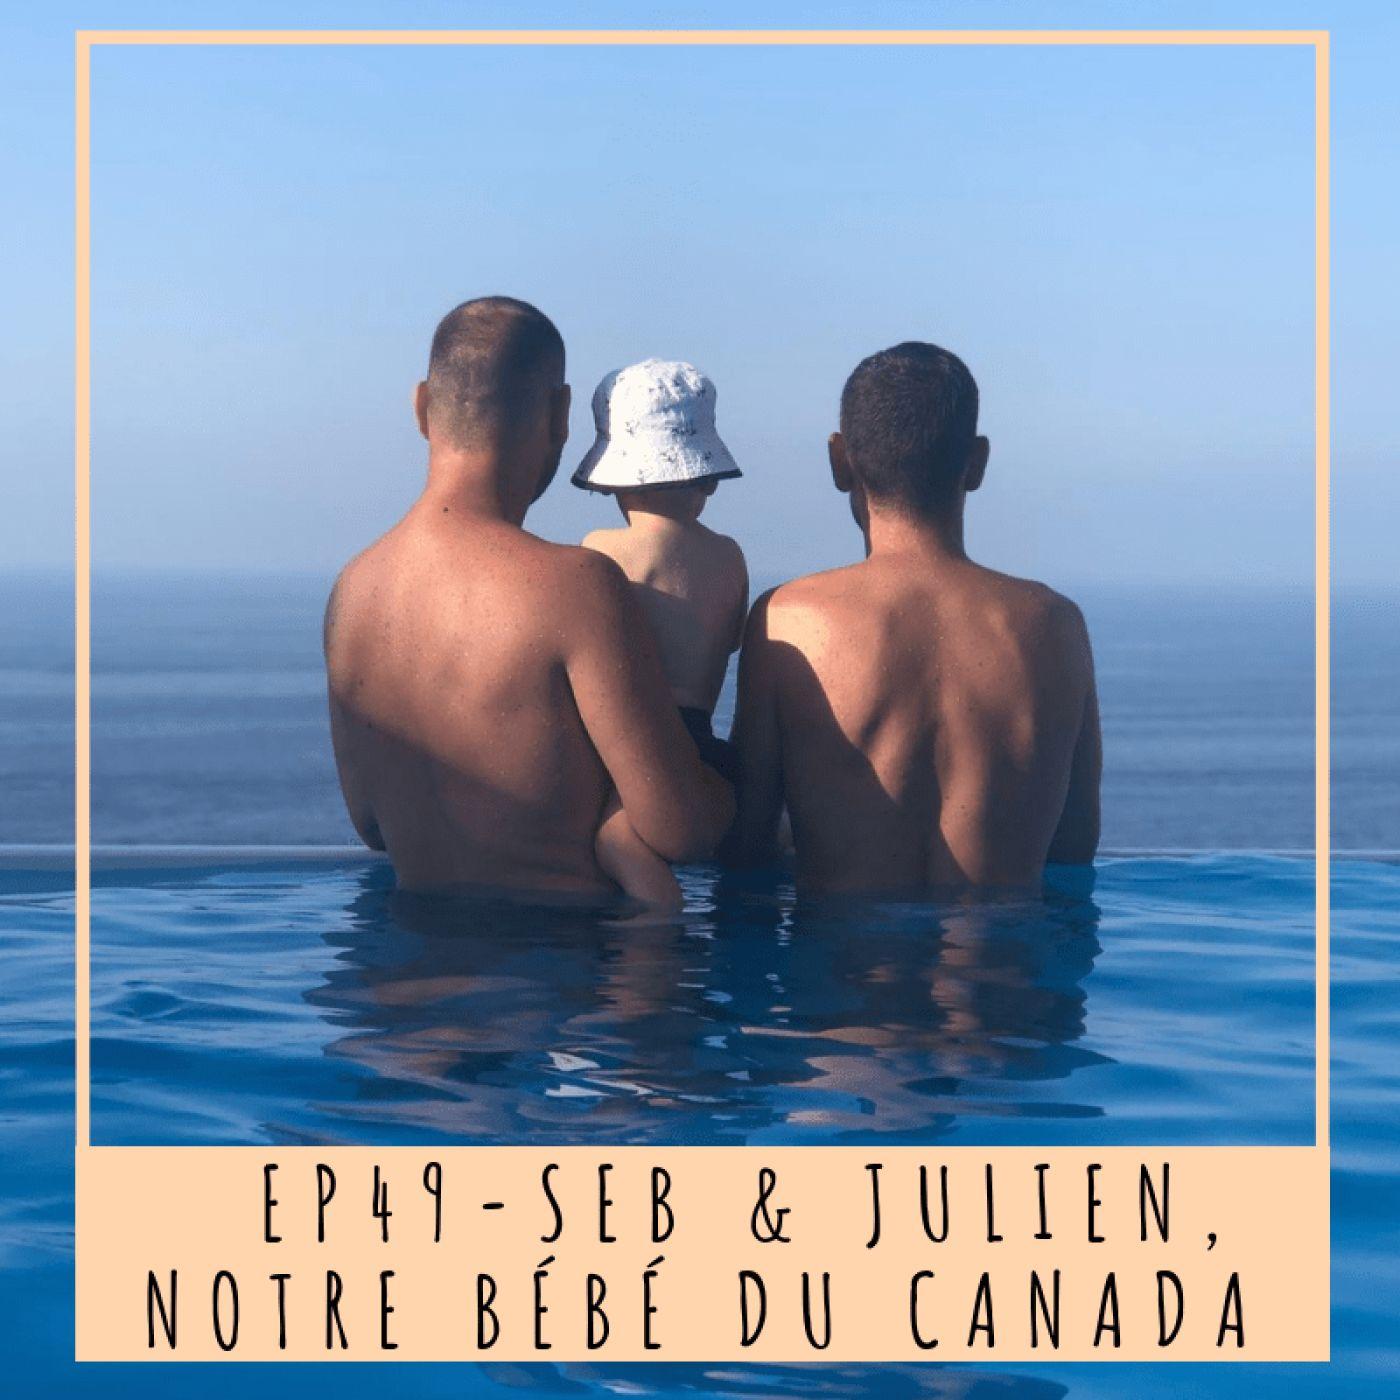 EP49- SEB & JULIEN, NOTRE BÉBÉ DU CANADA